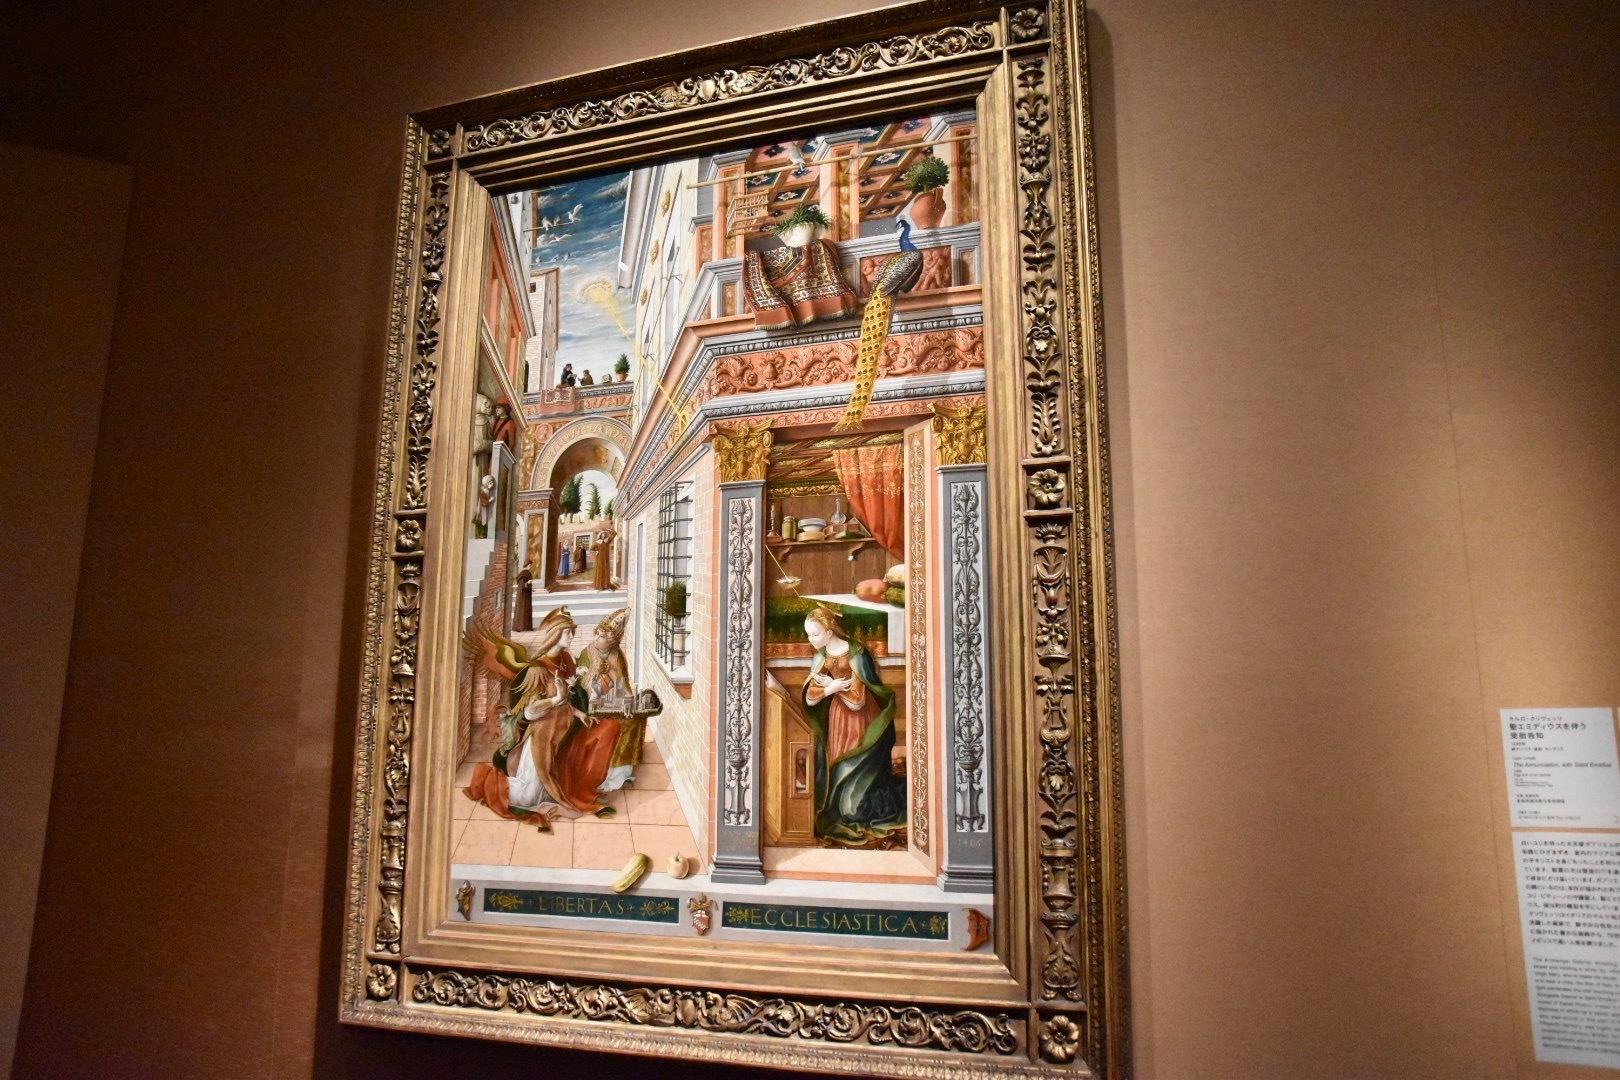 カルロ・クリヴェッリ《聖エミディウスを伴う受胎告知》1486年